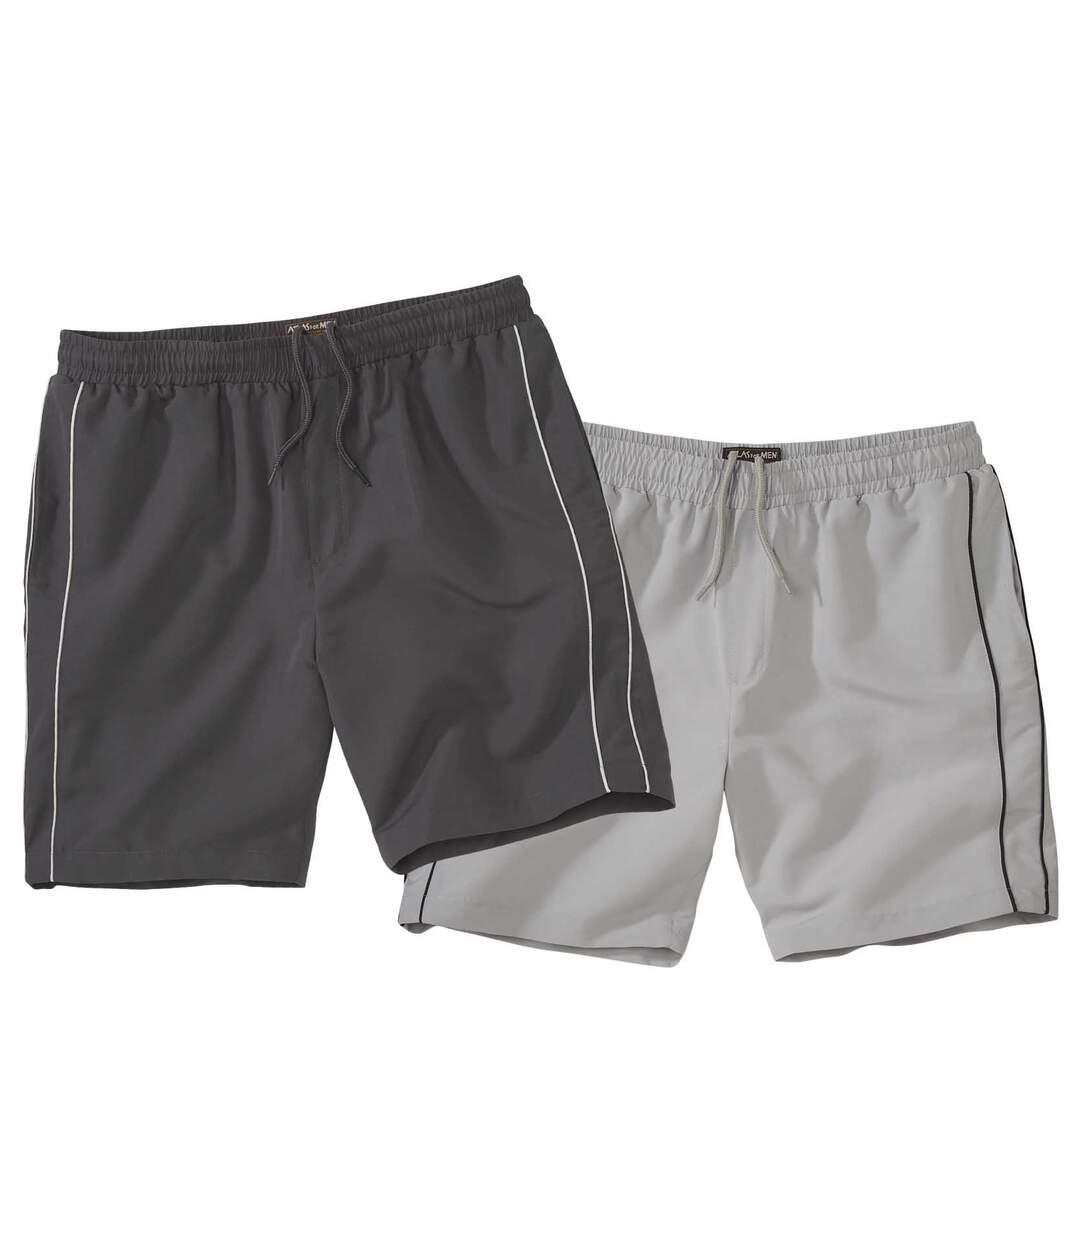 2er-Pack Shorts Sunny aus Microfaser